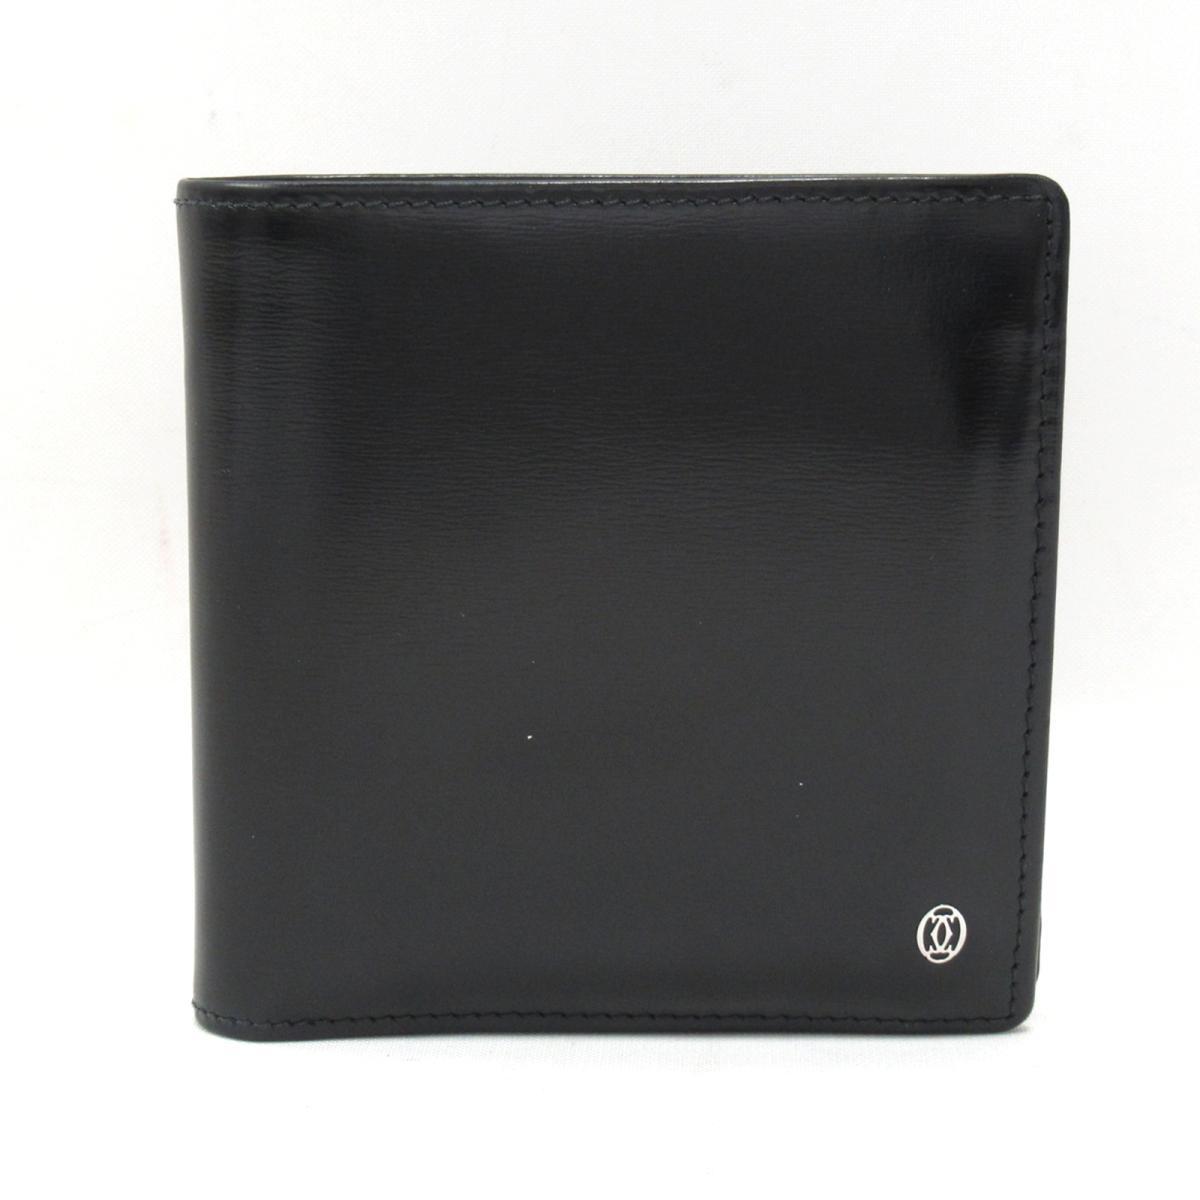 パシャ 二つ折り財布 財布